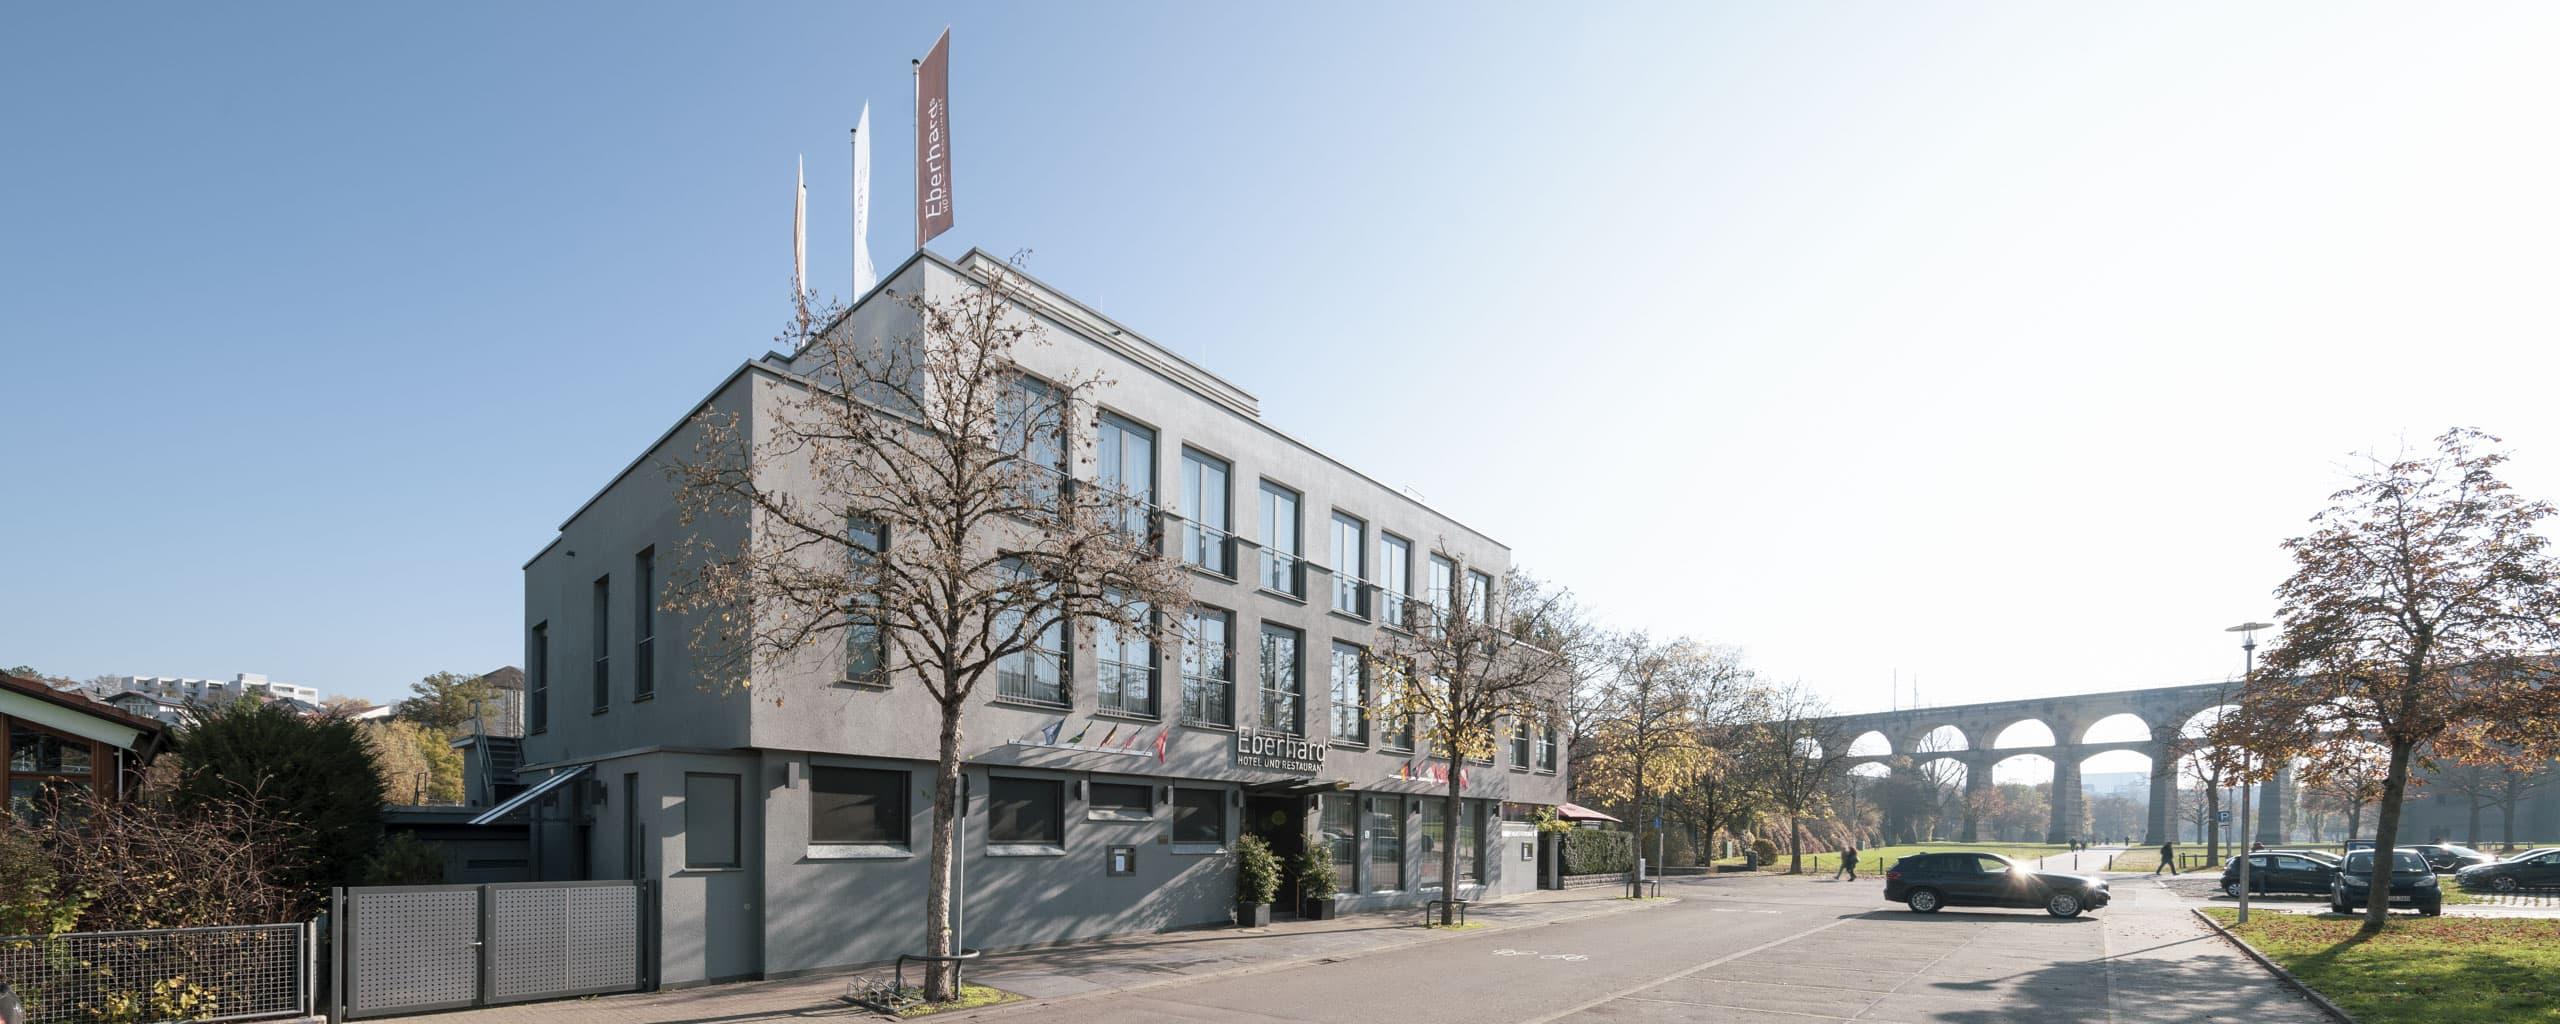 Aus BAden-Württemberg: Hotelfotografie in Bietigheim-Bissingen, Kreis Ludwigsburg, Raum Stuttgart, Baden-Württemberg, Süddeutschland